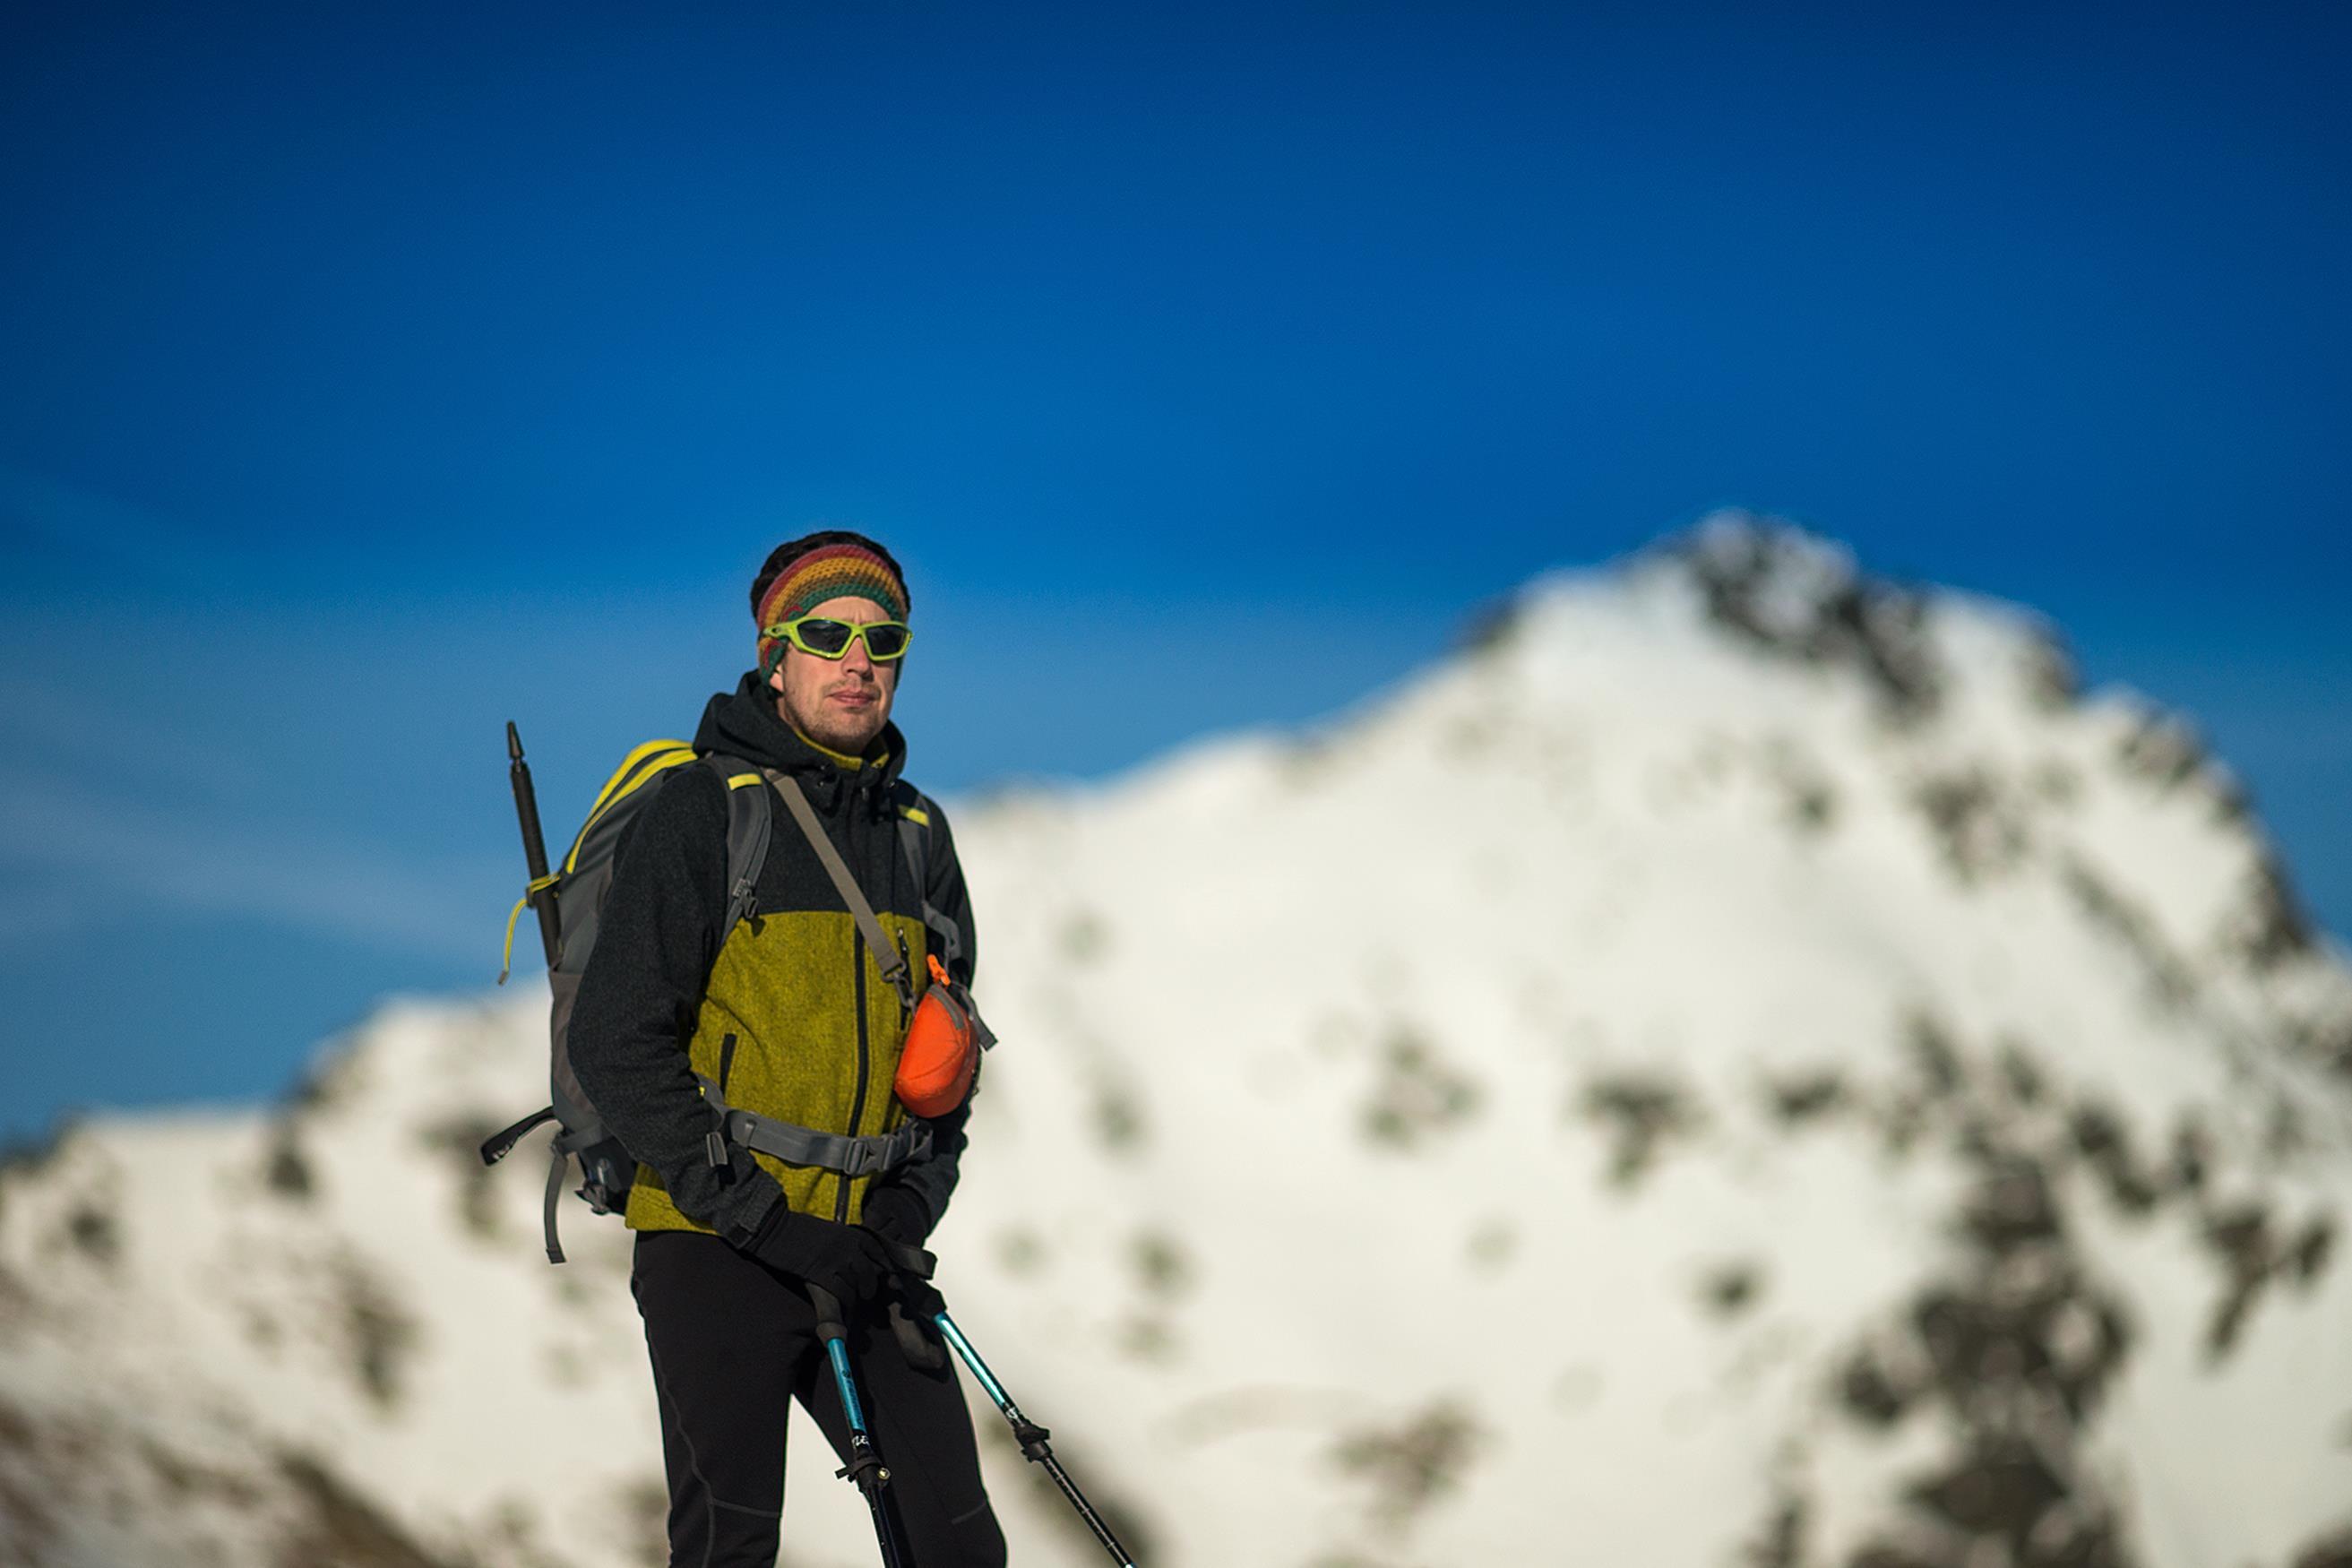 Pánska bunda Forester od Black hill outdoor v Západných Tatrách